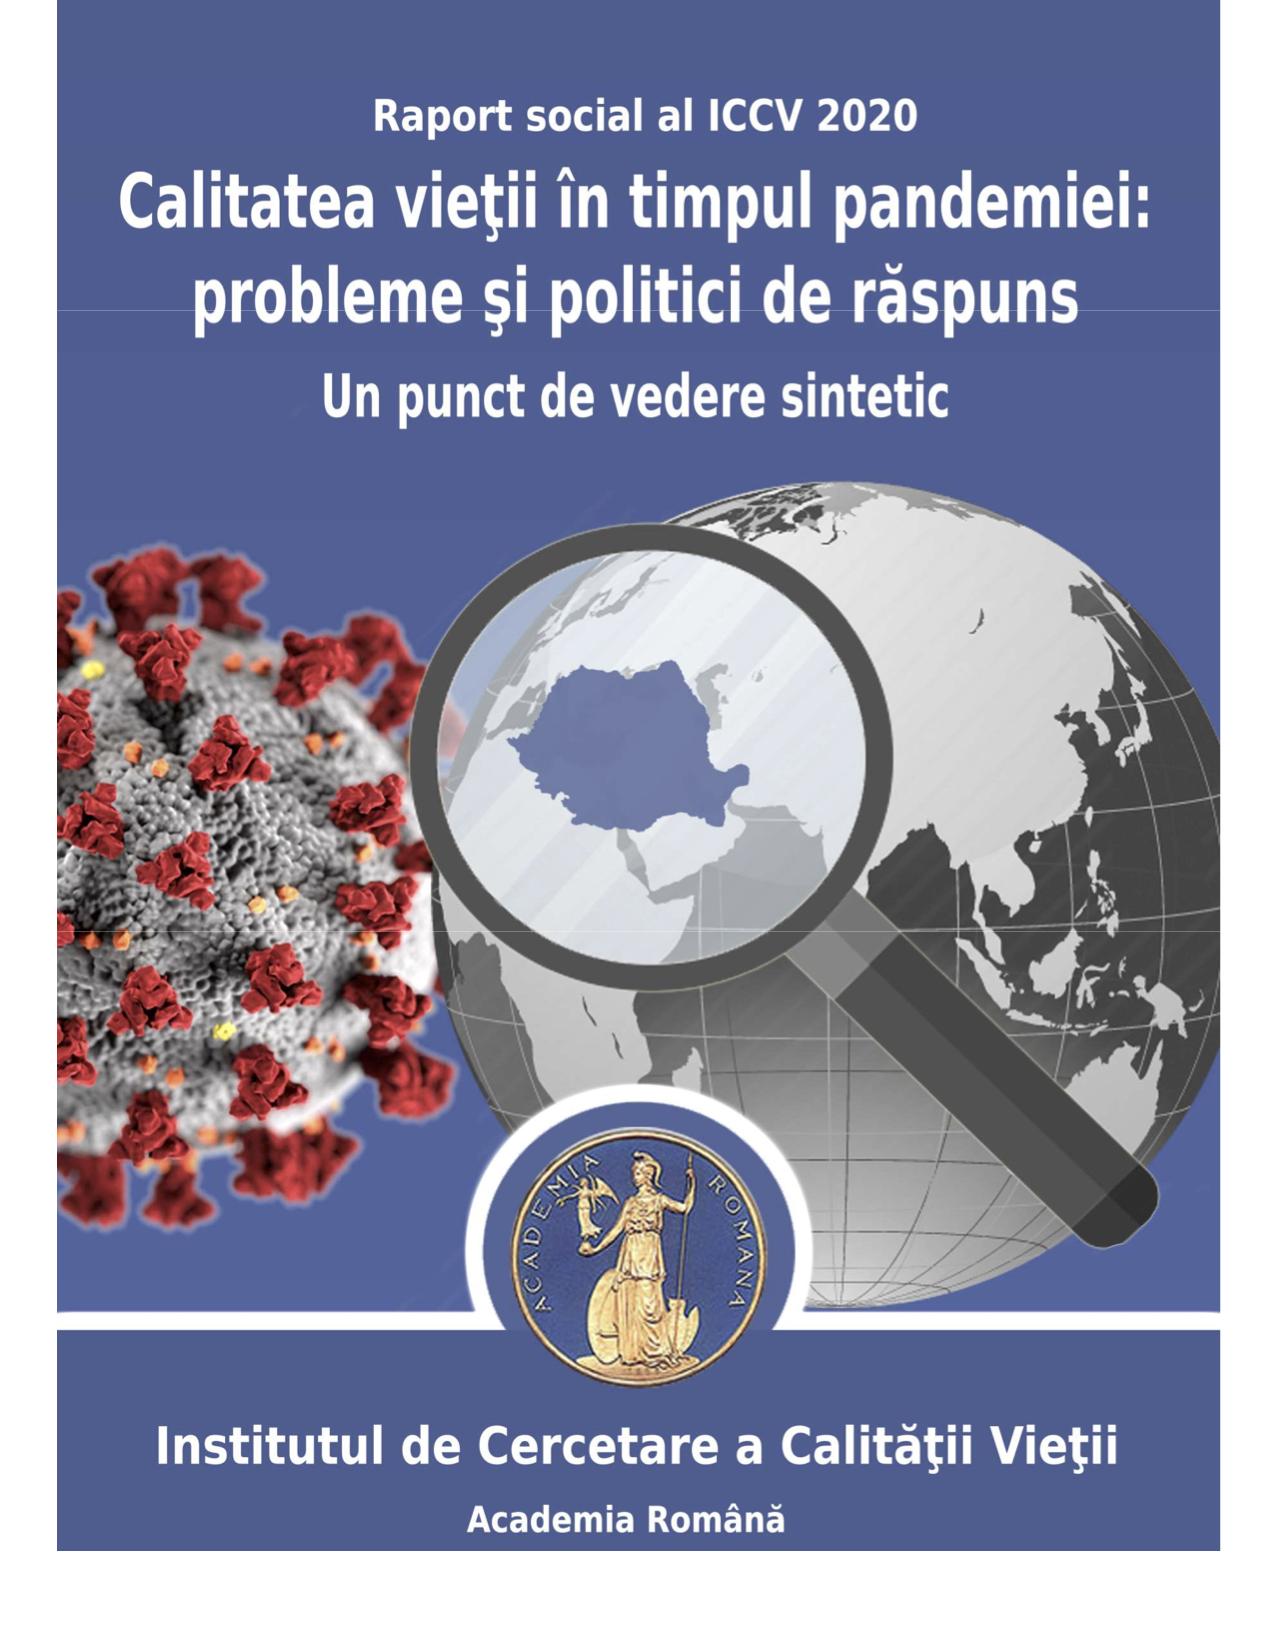 """Lansare raport social: """"Calitatea vieții în timpul pandemiei: probleme și politici de răspuns. Un punct de vedere sintetic"""""""